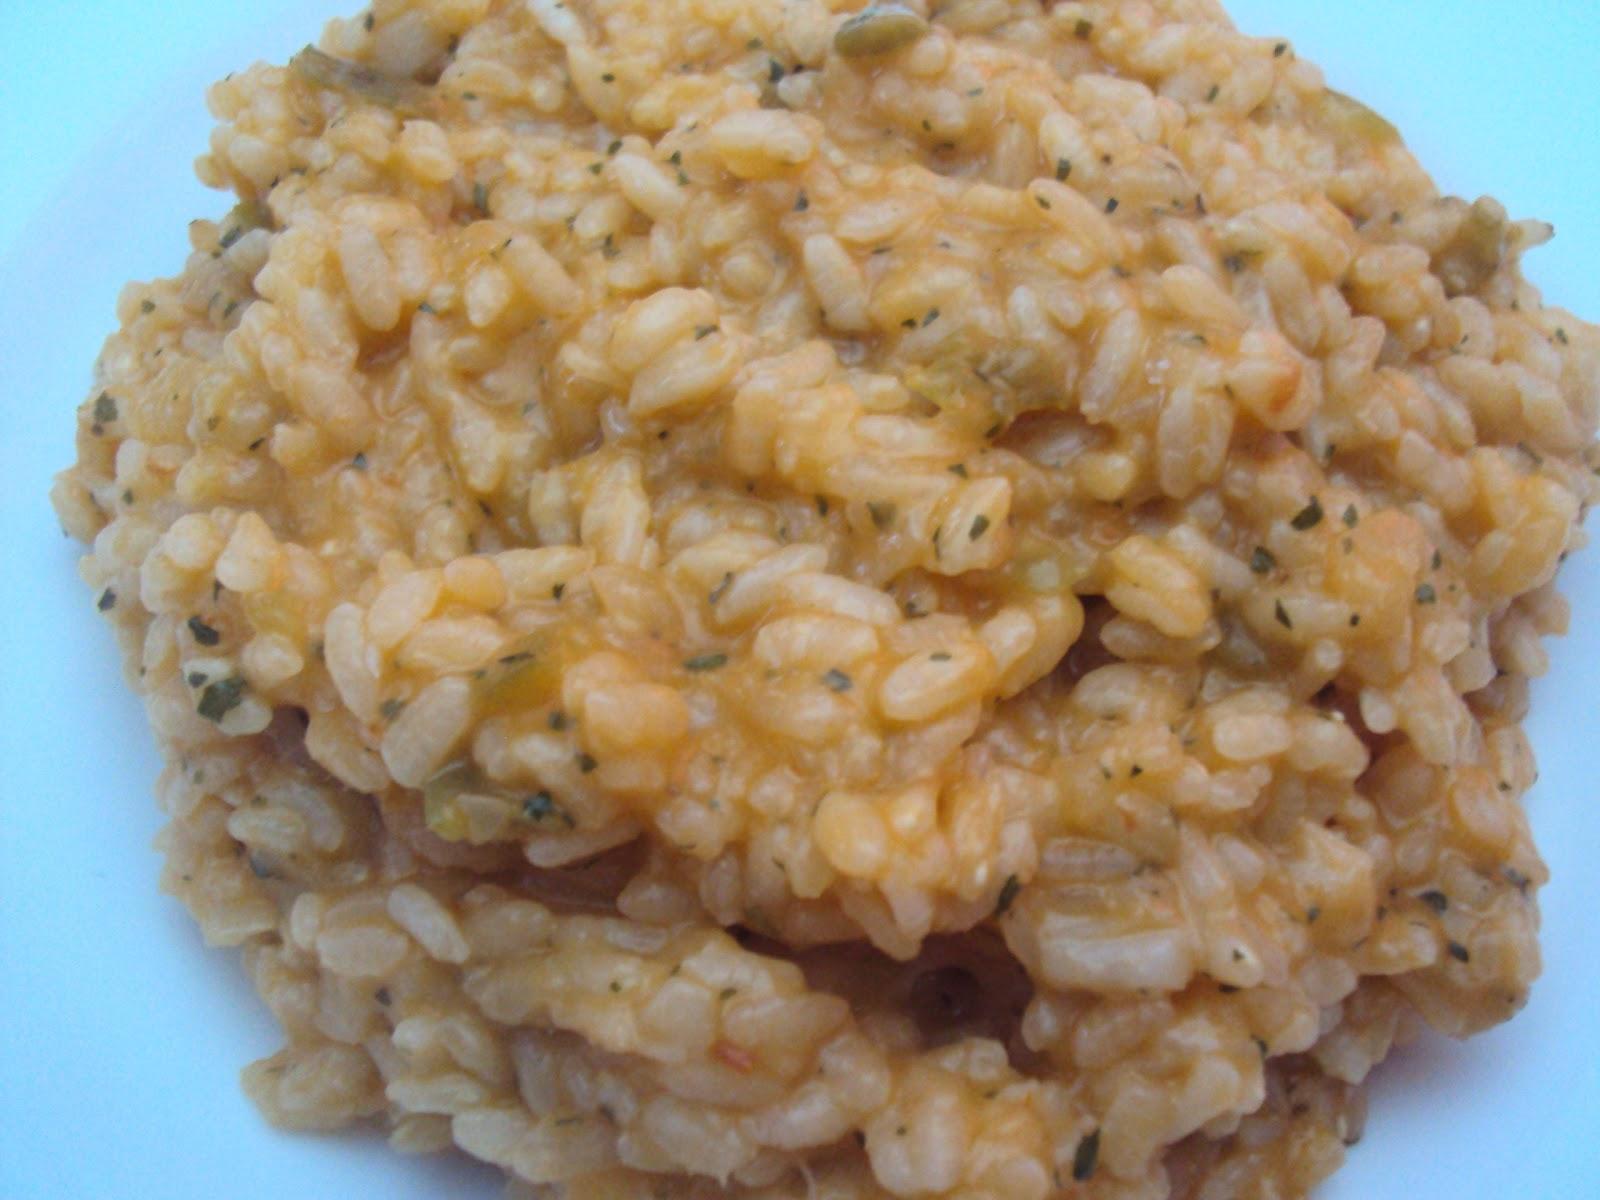 Lixcocina arroz cremoso con bacalao - Arroz blanco con bacalao ...